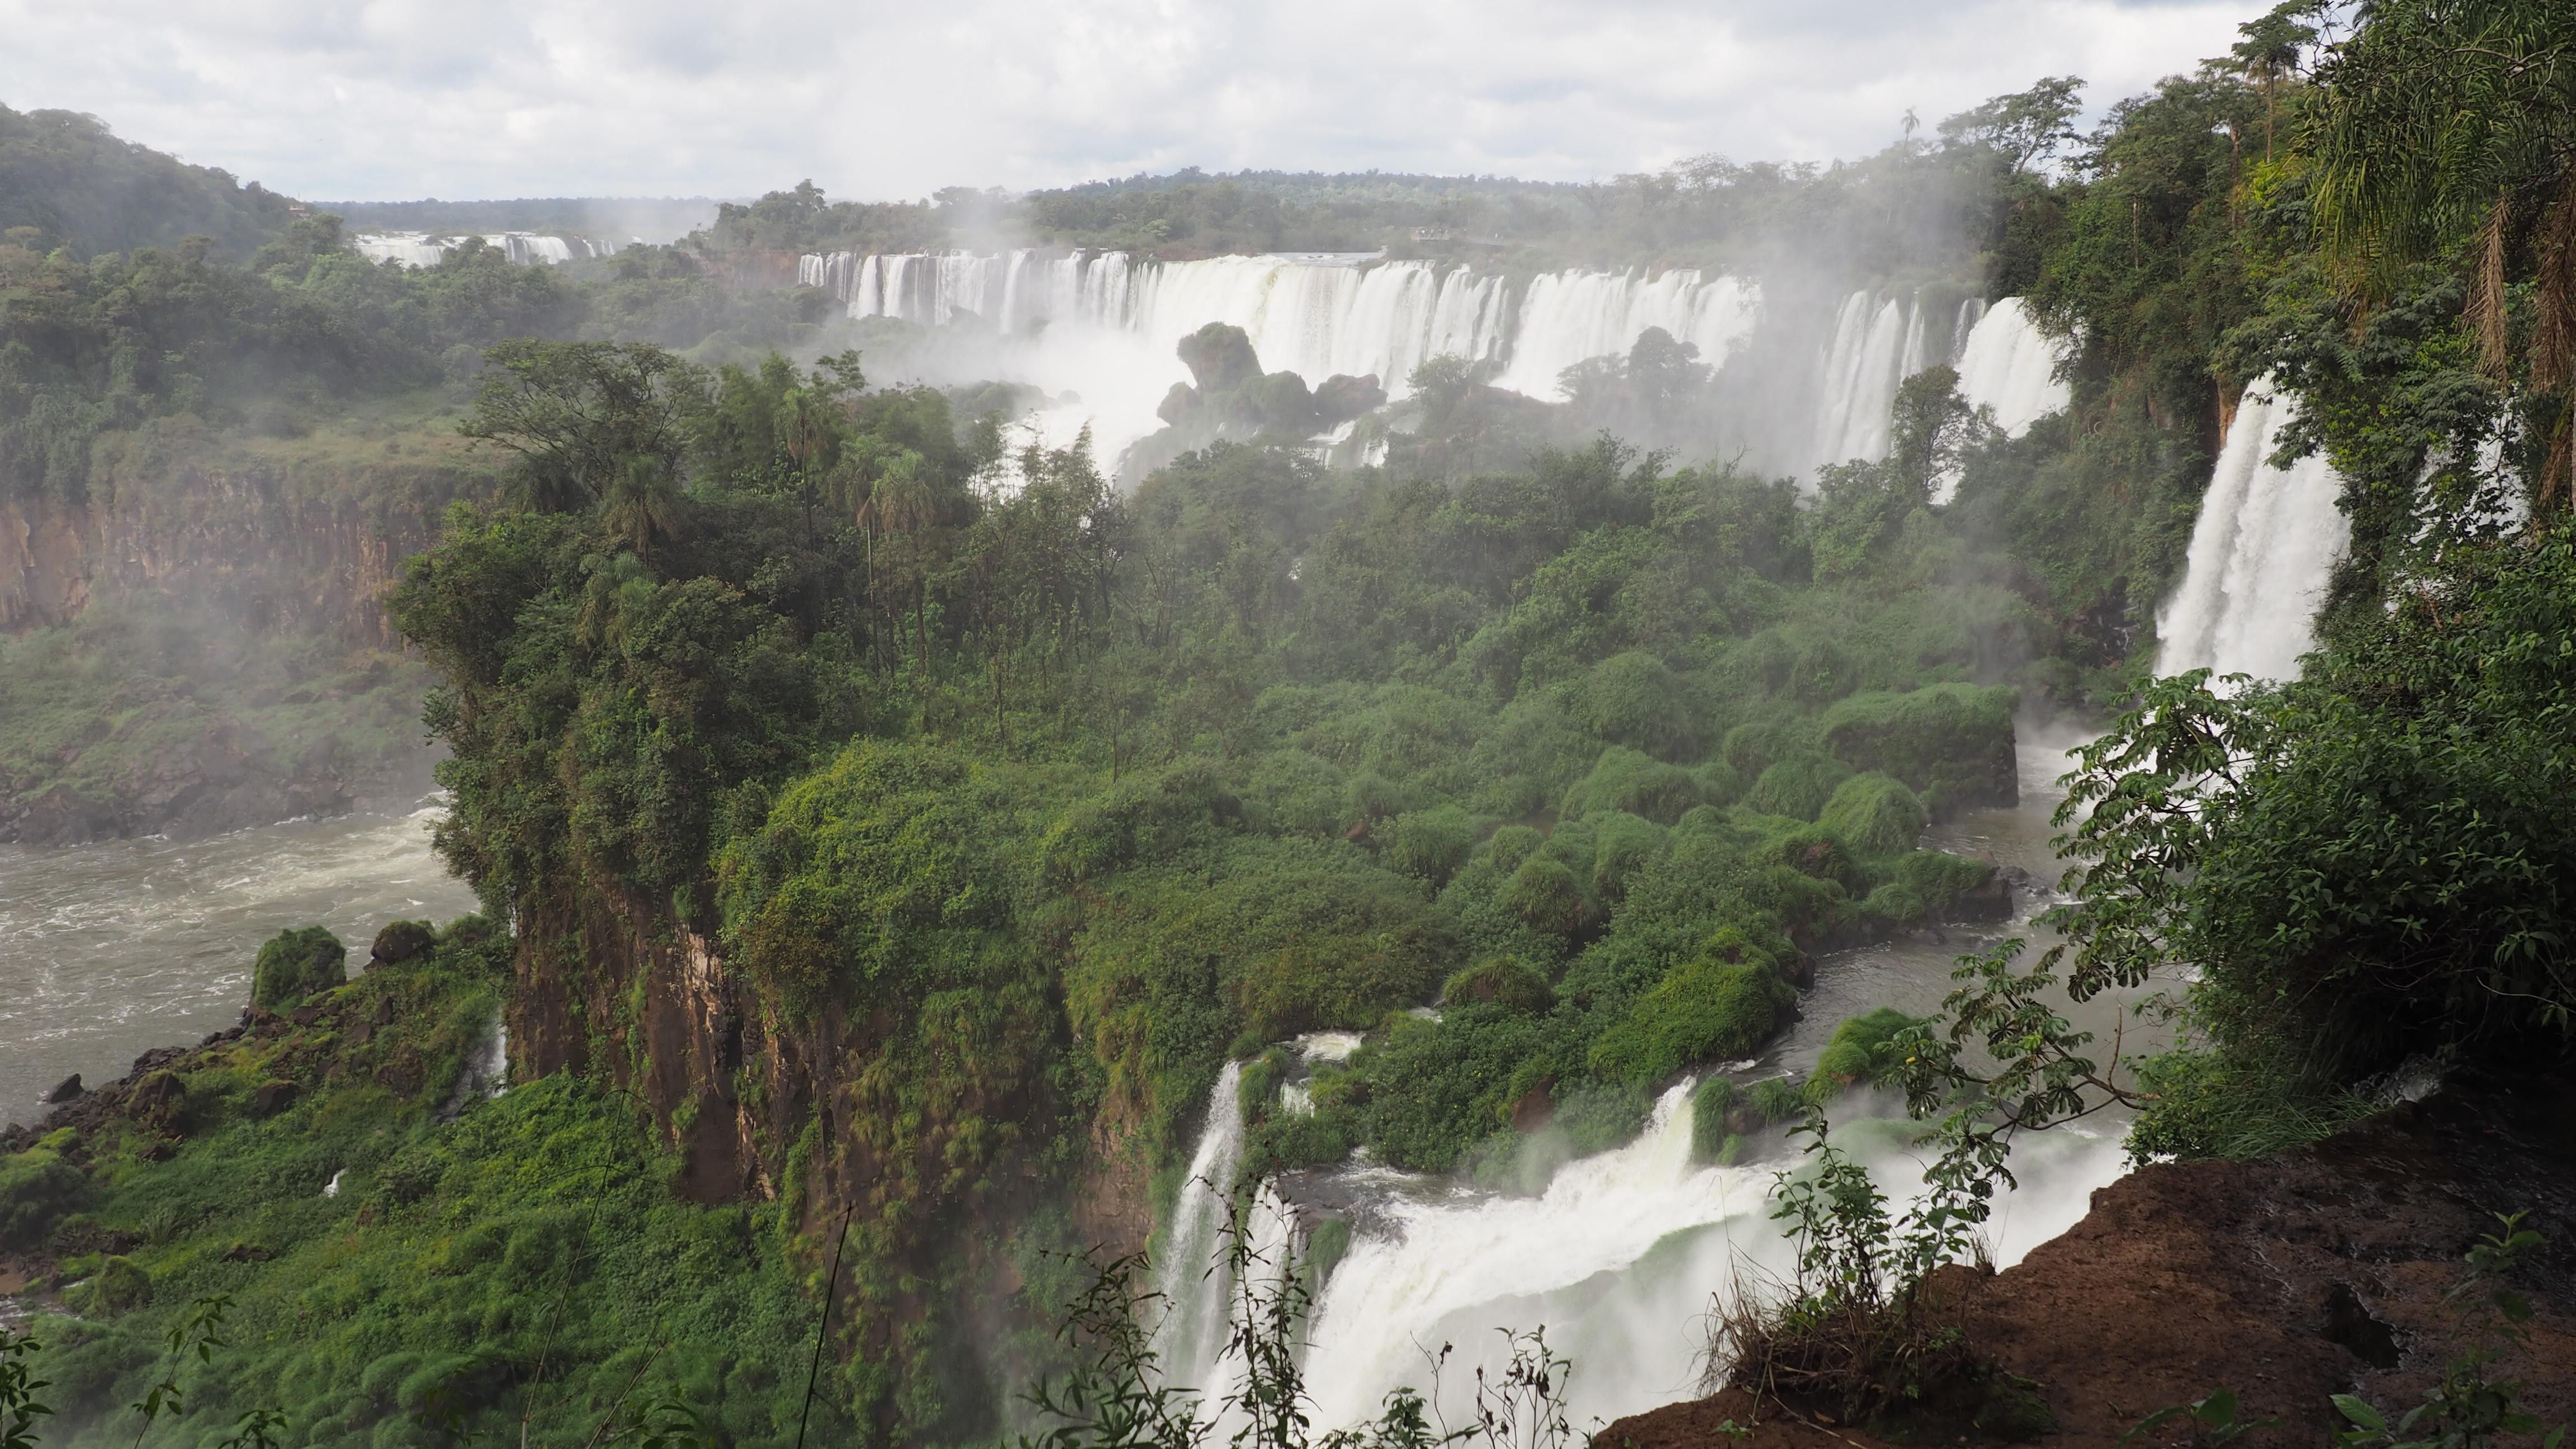 El lado argentino de las Cataratas visto desde Argentina. Época ideal para viajar a Cataratas del Iguazú.